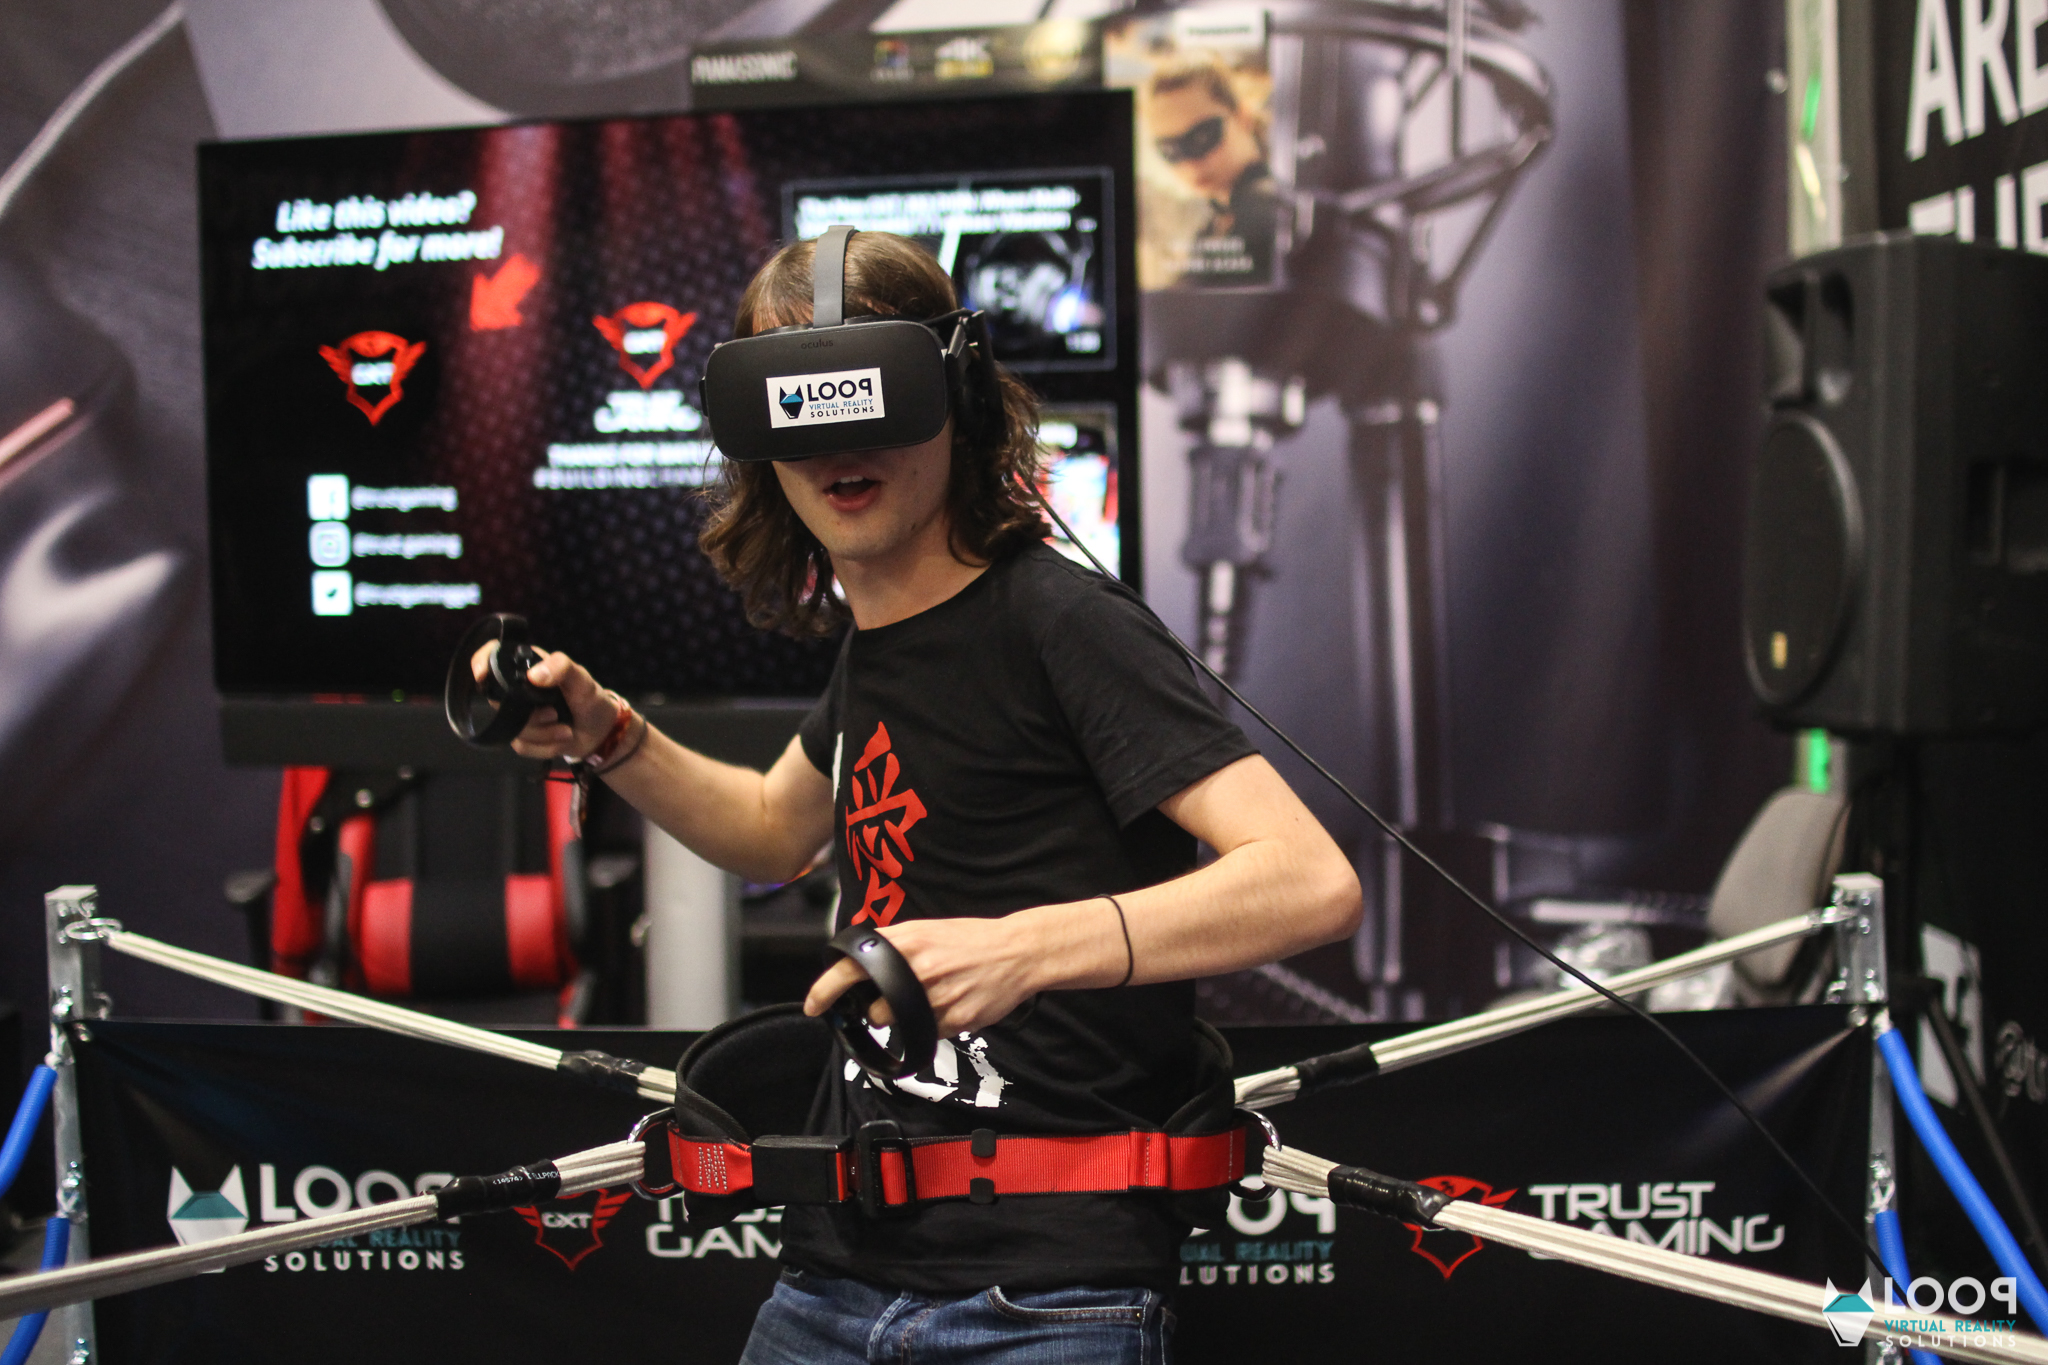 Loop Virtual Reality la East European Comic Con